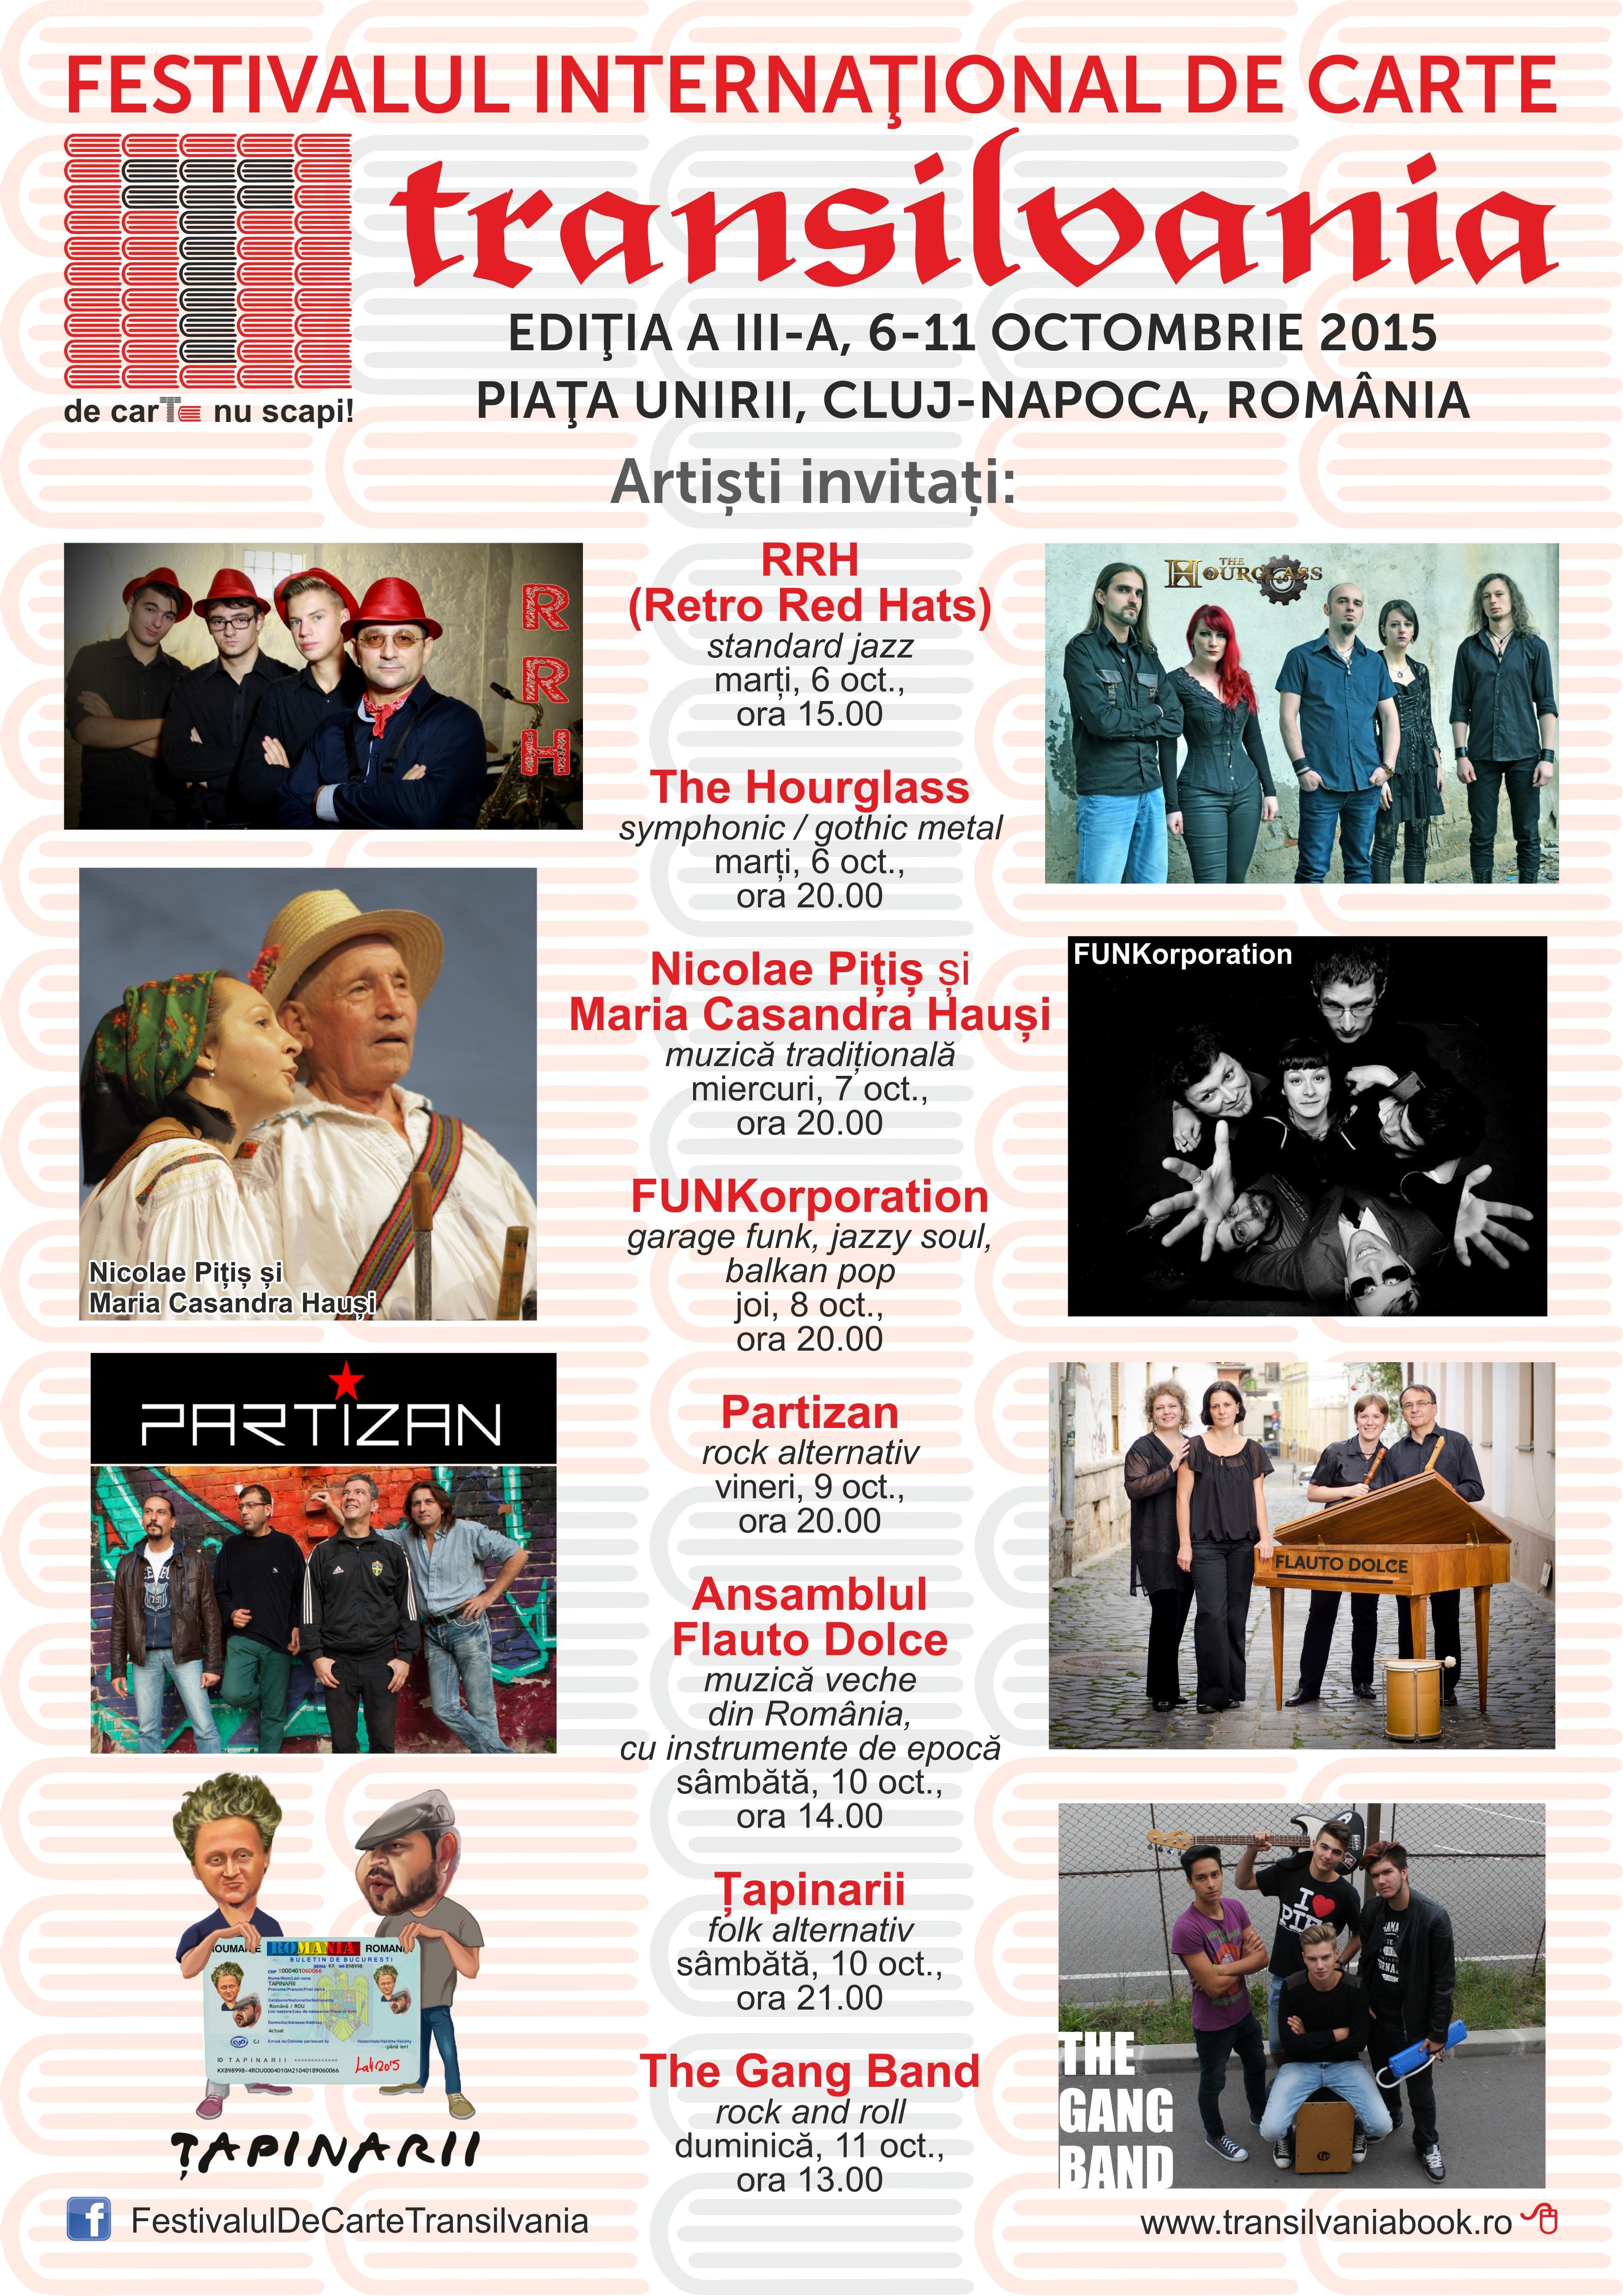 Concerte la Festivalul Internațional de Carte Transilvania. Totul se întâmplă în Piața Unirii